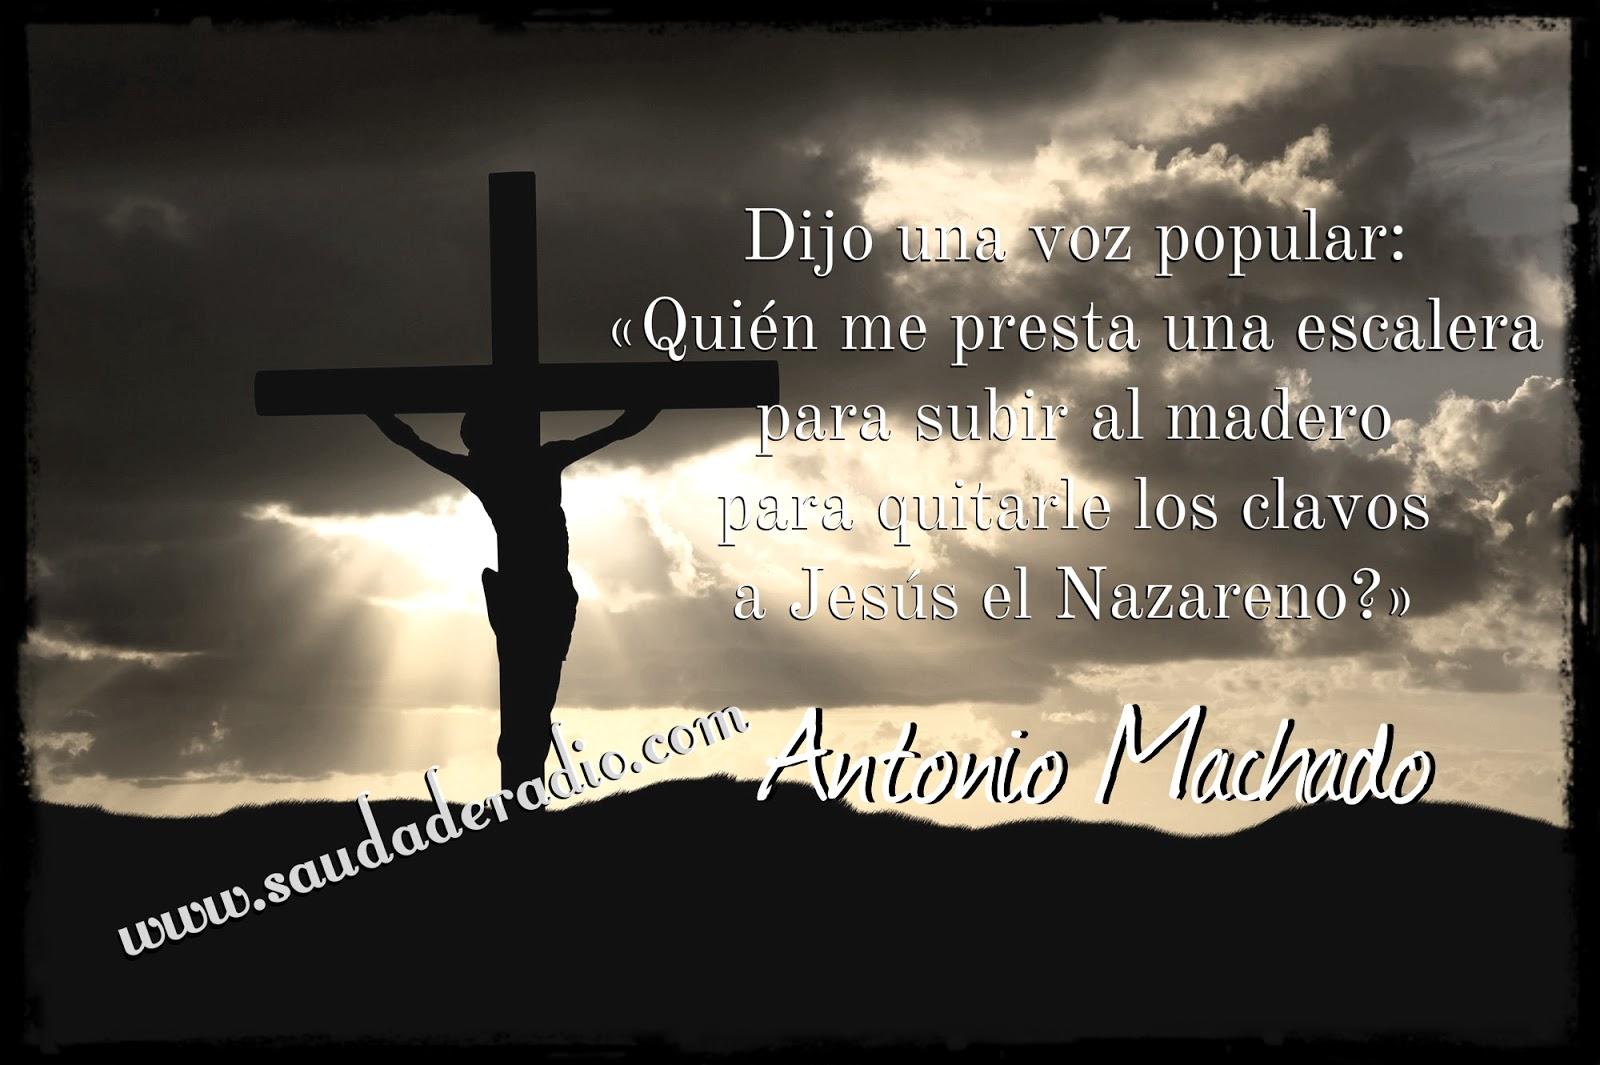 La Saeta Antonio Machado